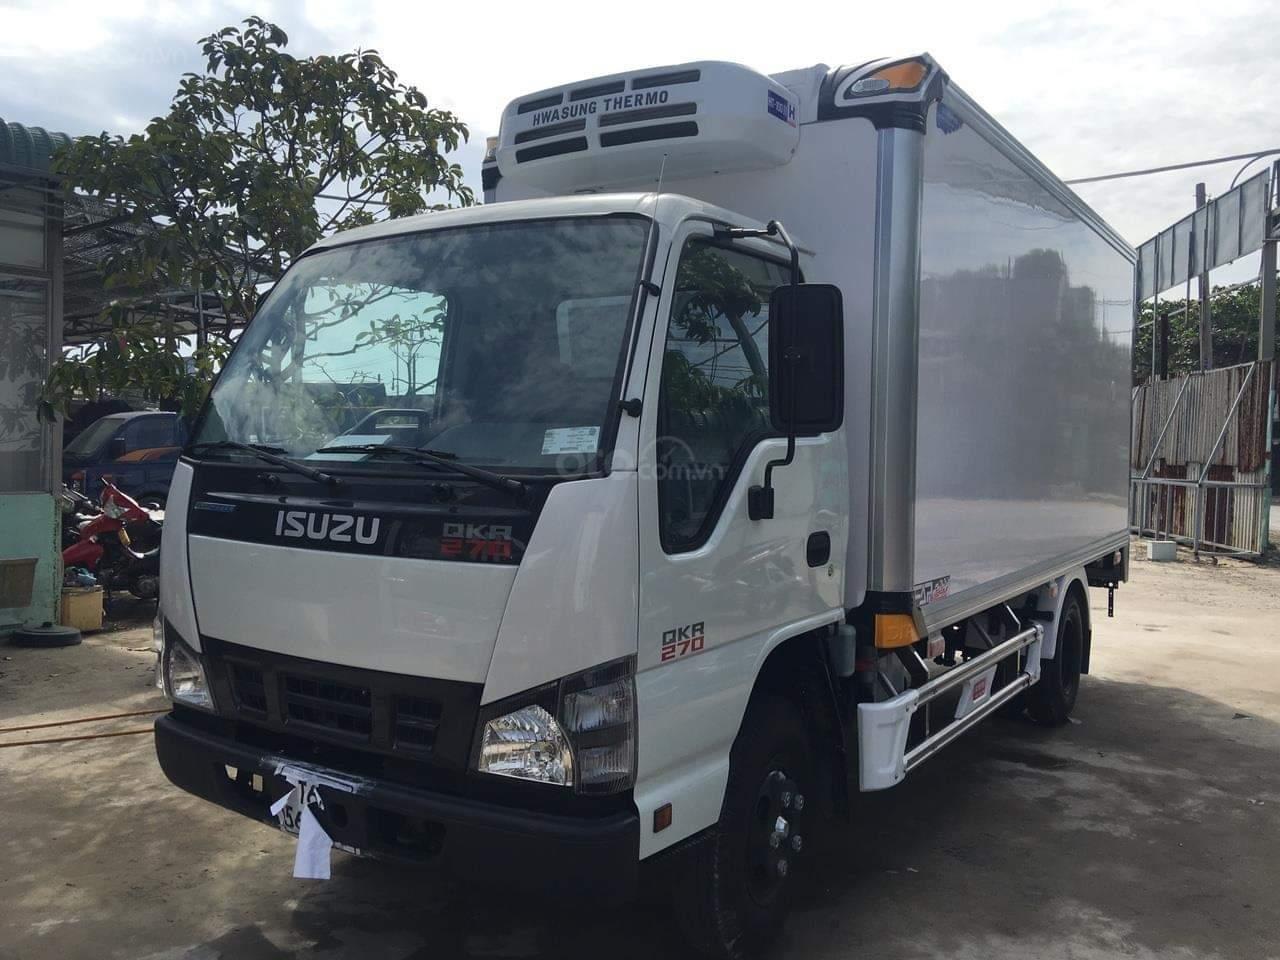 Bán Isuzu QKR77HE4 2019 2 tấn 4, là dòng xe tải nhẹ cao cấp hiện nay, ưu đãi lớn khi mua xe (7)